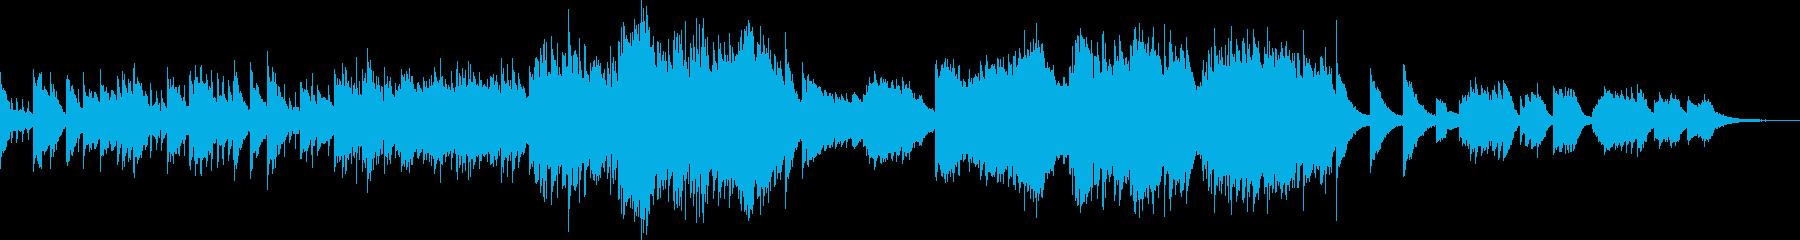 悲痛な孤独の3拍子ピアノソロ曲の再生済みの波形